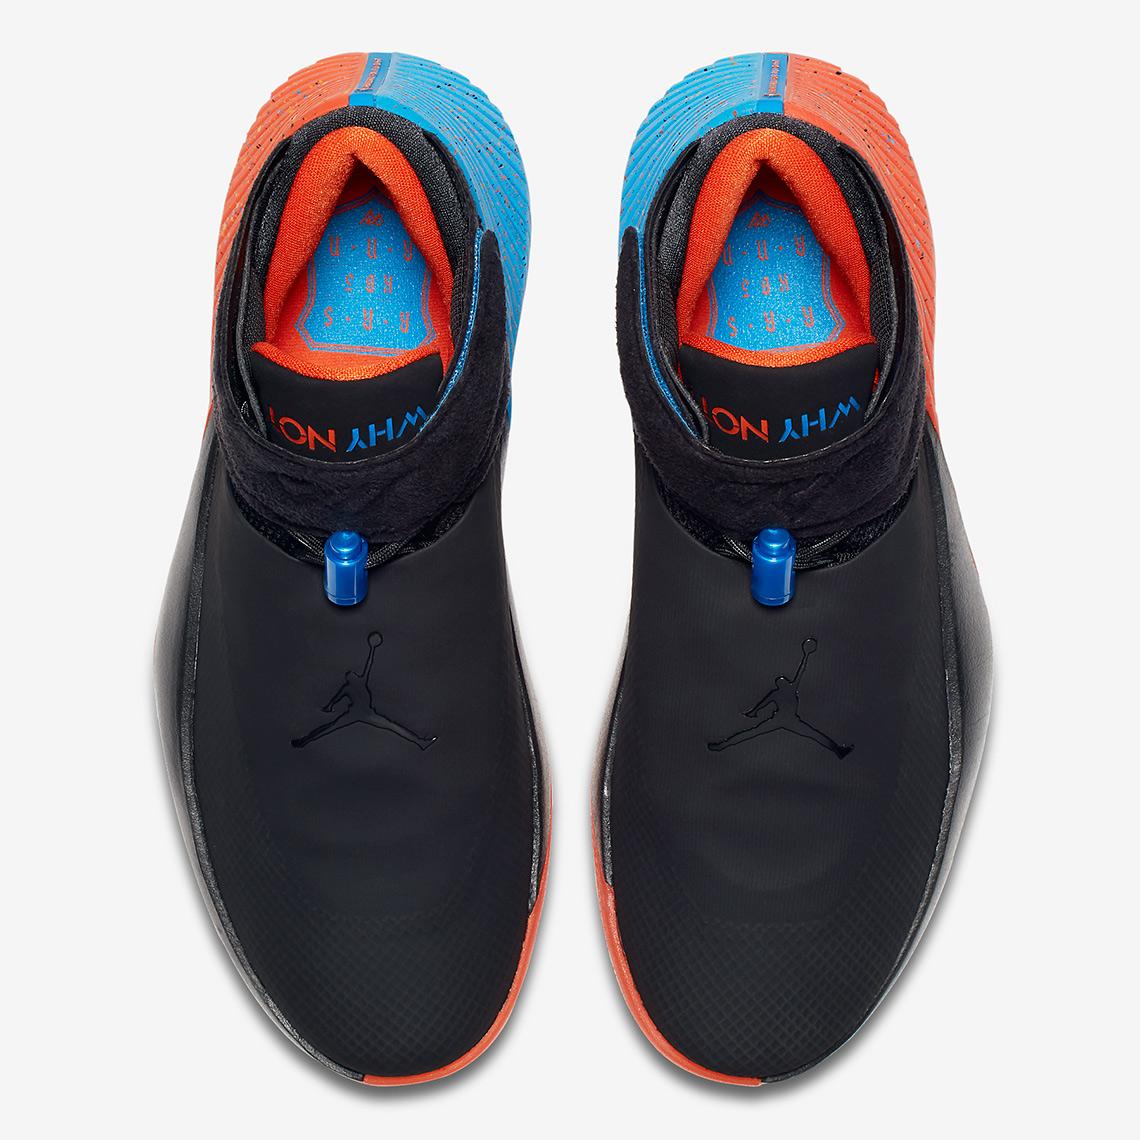 7d61699cb95d95 Jordan Why Not Zer0.1 AA2510-015 Release Info